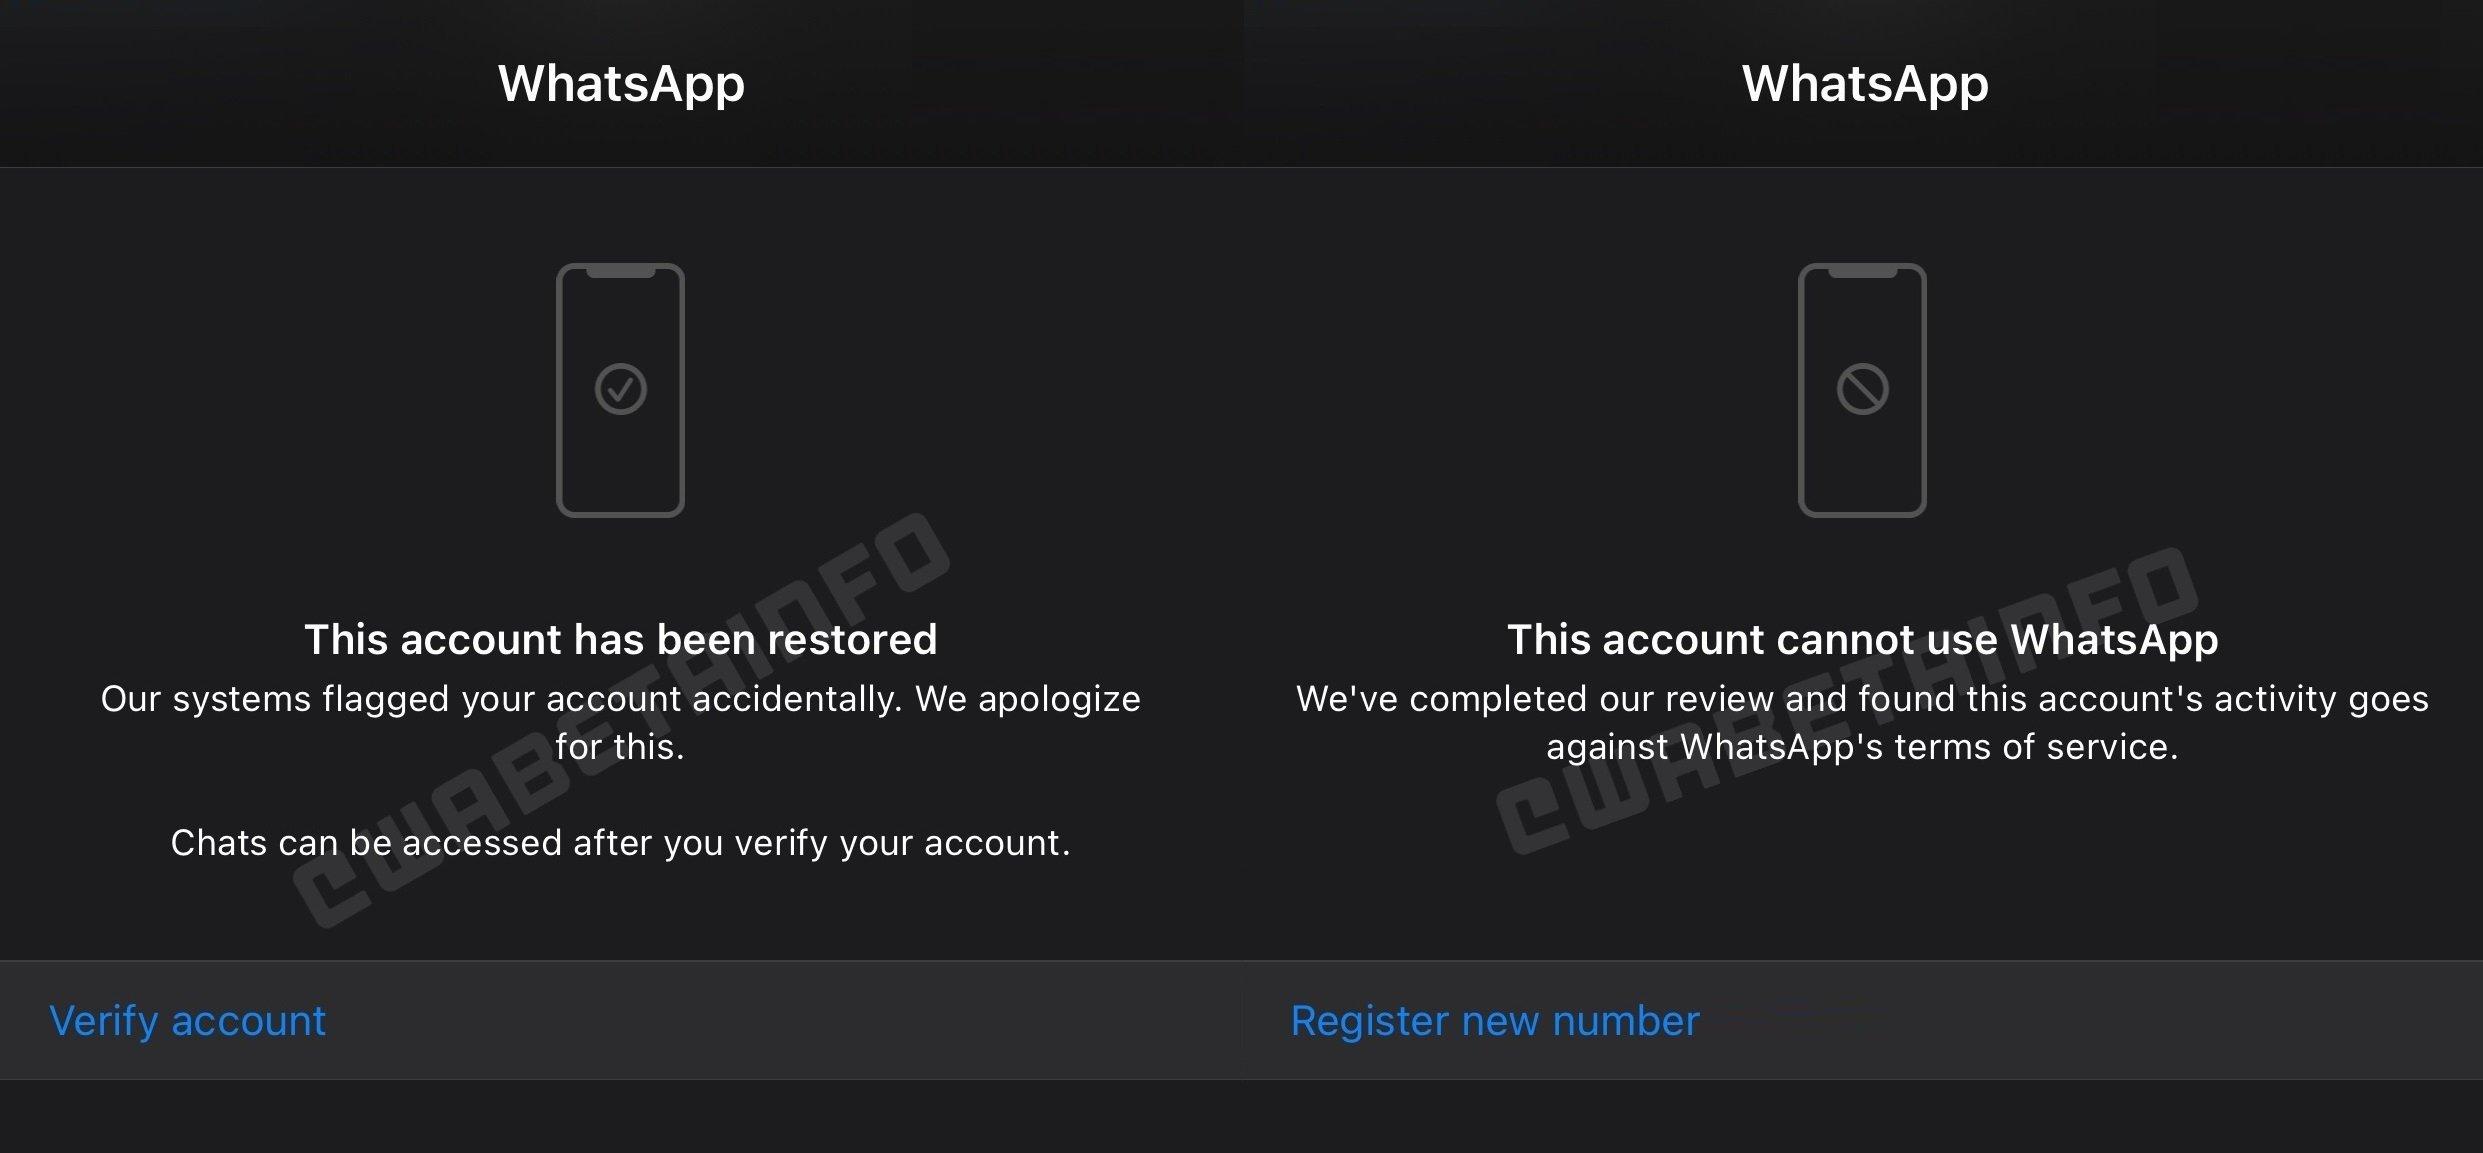 whatsapp-account-restore.jpg